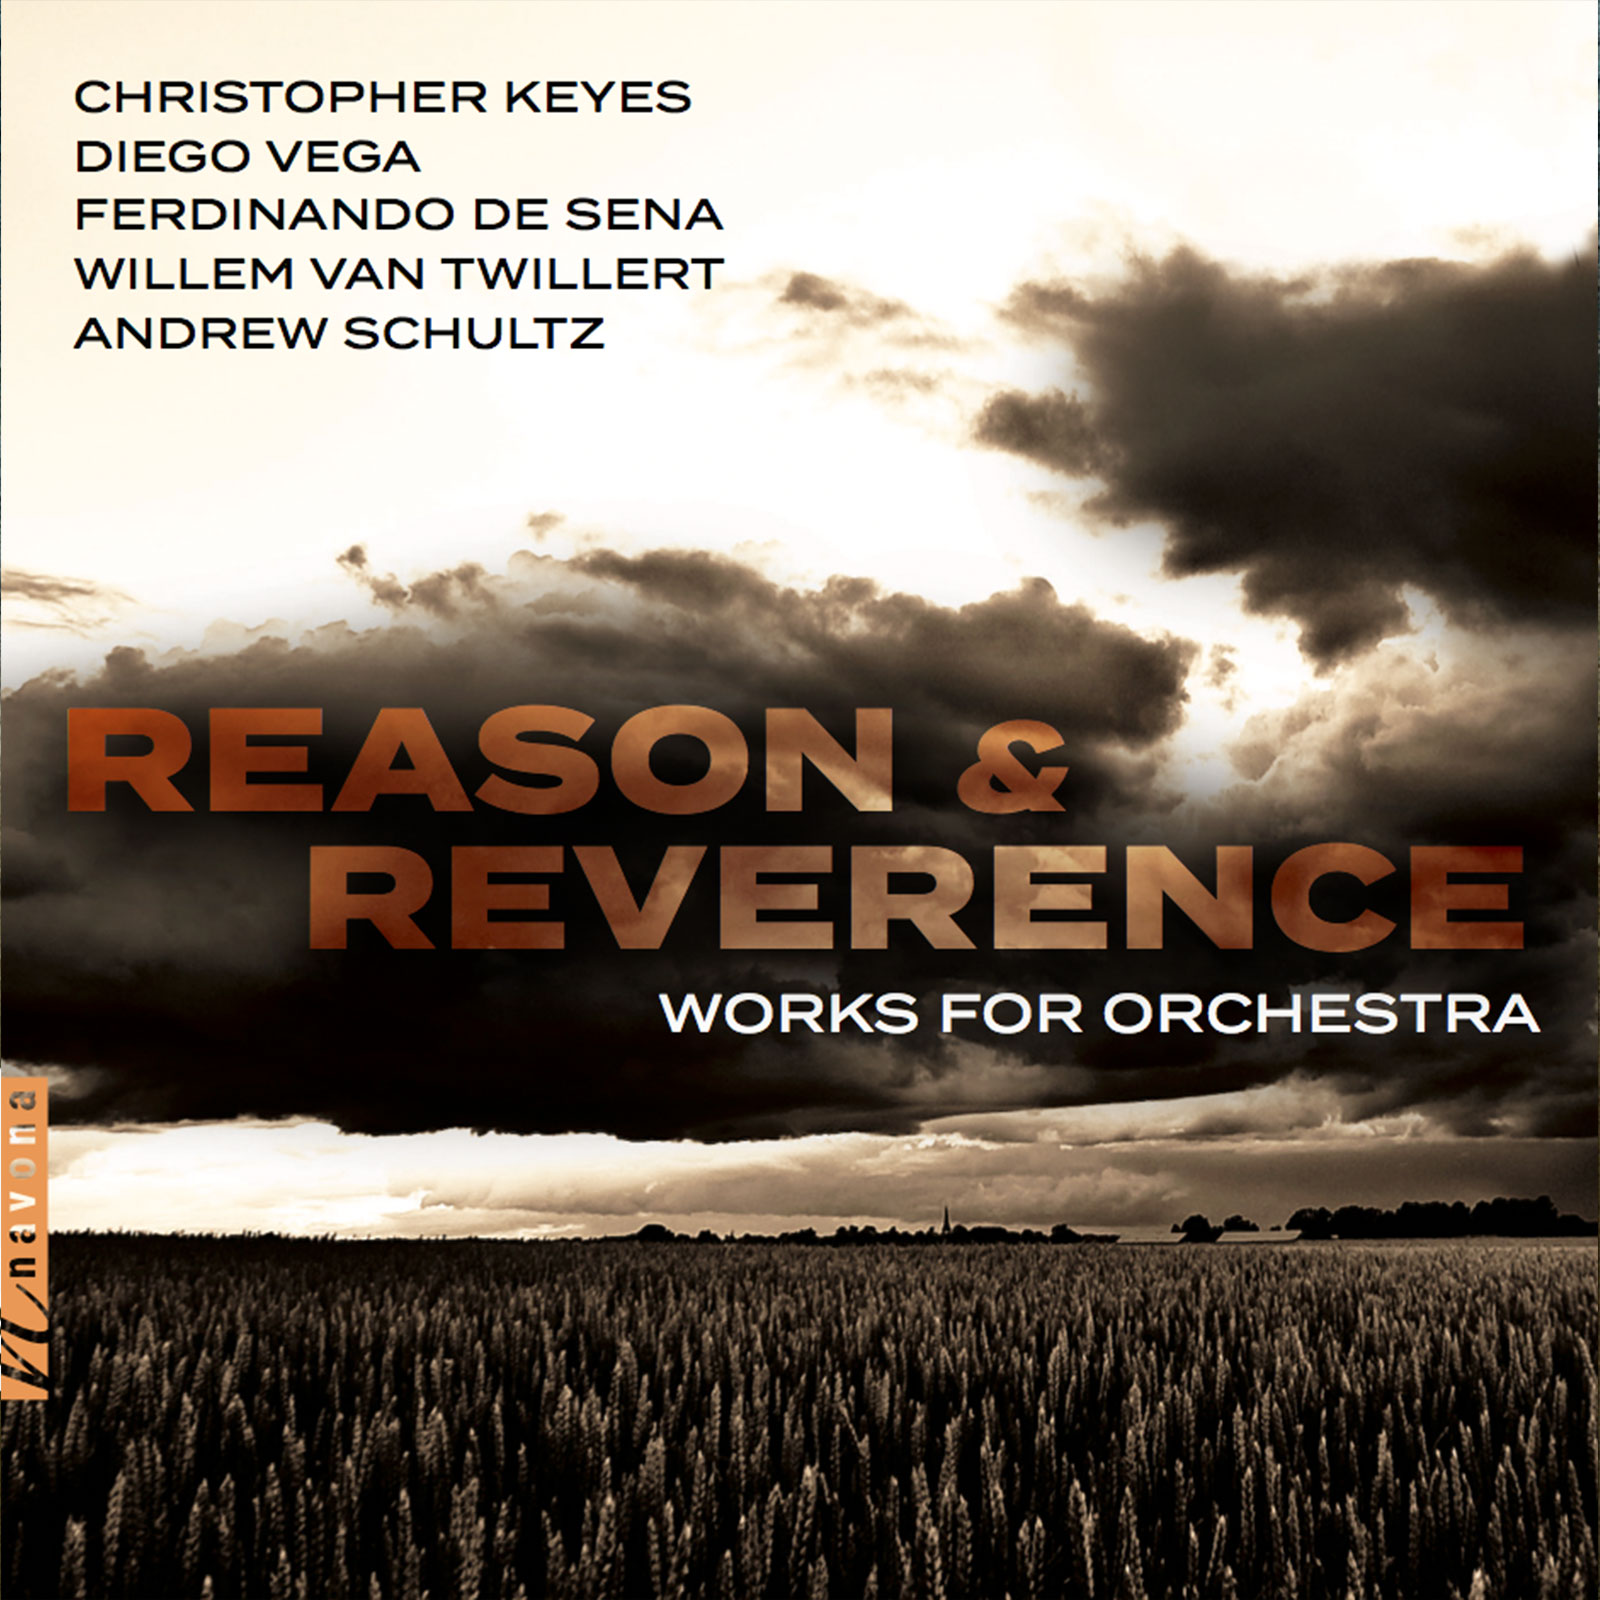 Reason & Reverence